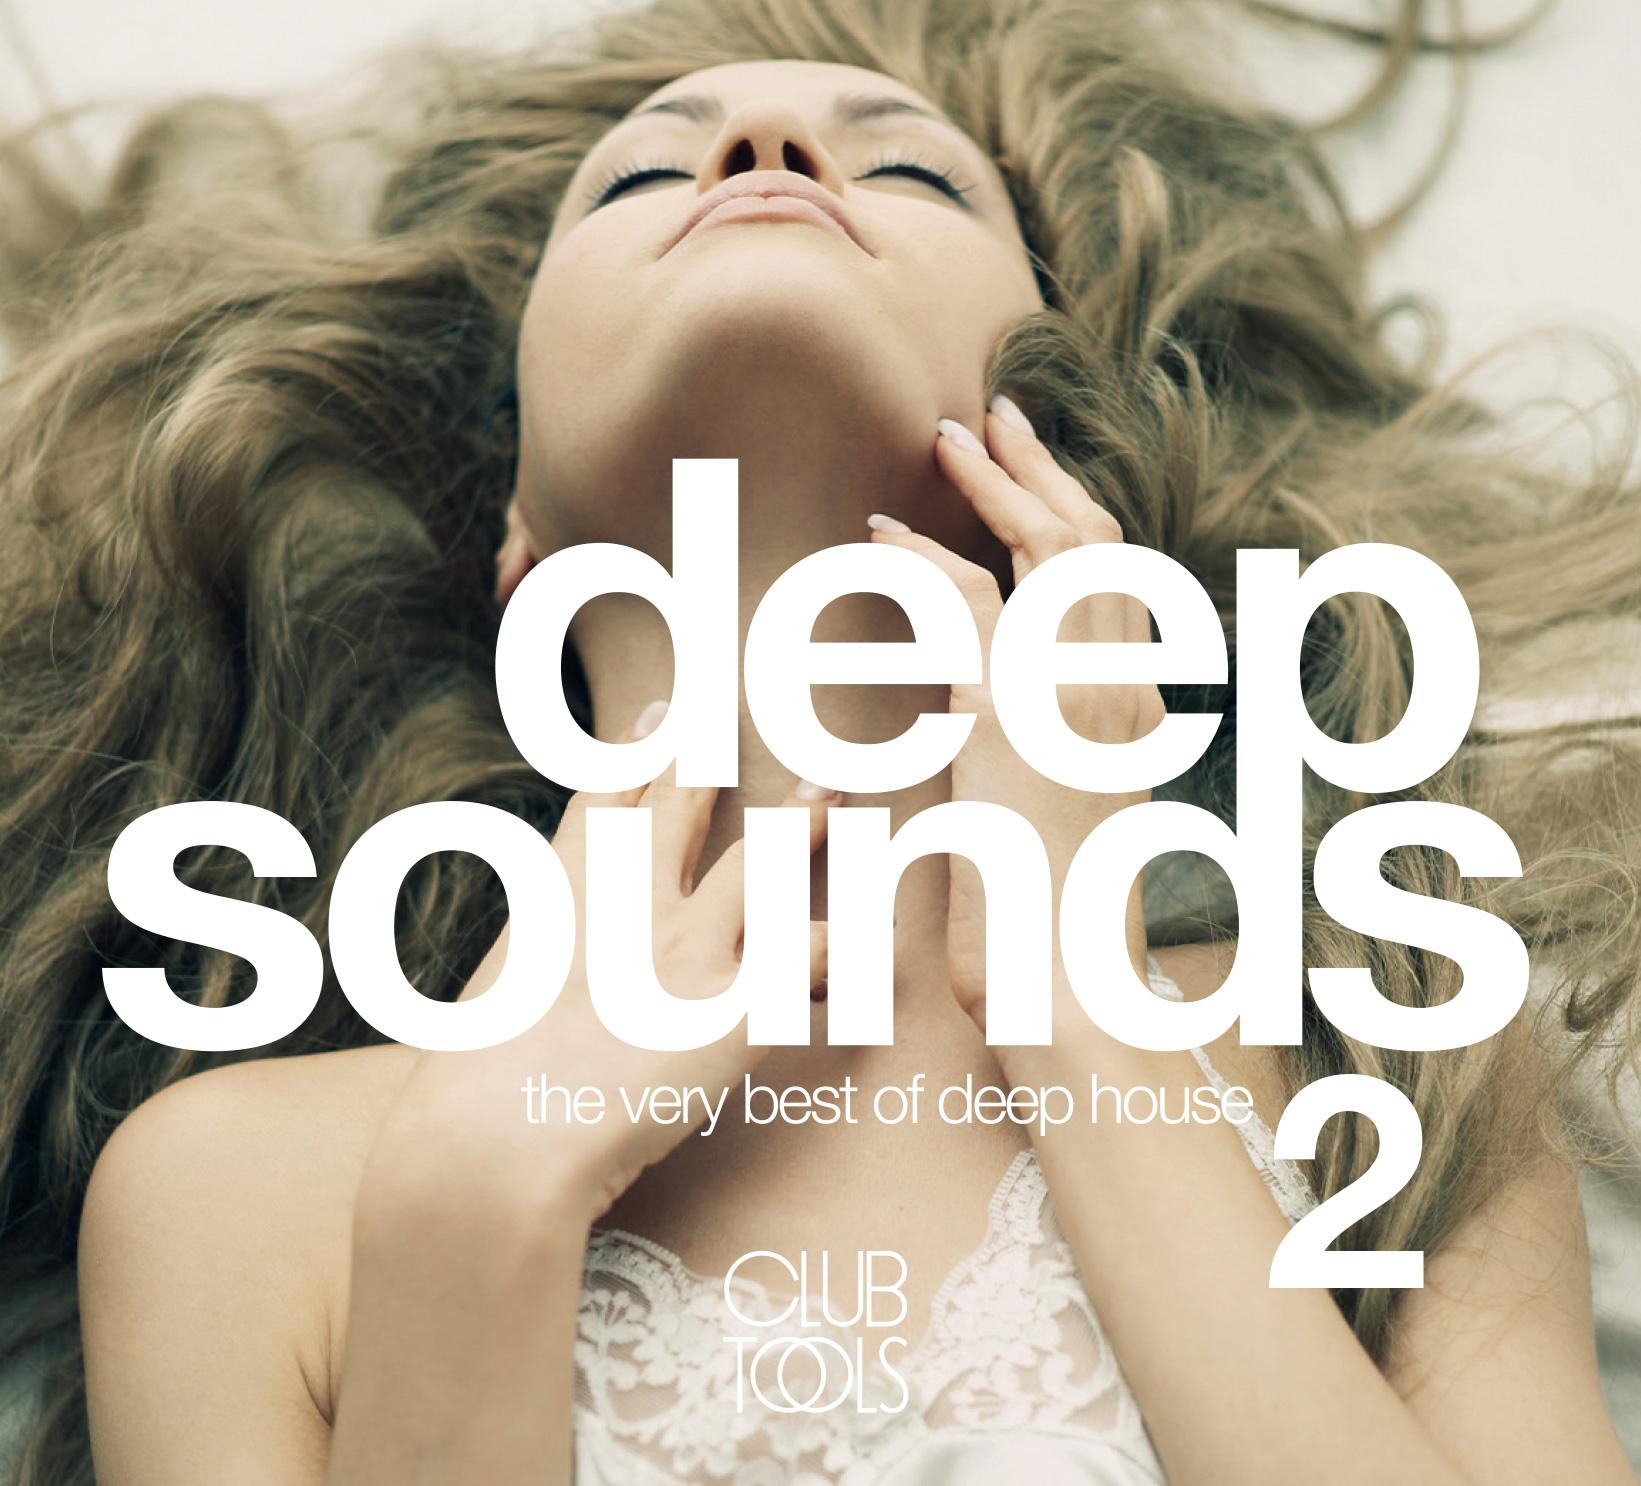 Deep sounds vol 2 the very best of deep house echte leute for Popular deep house